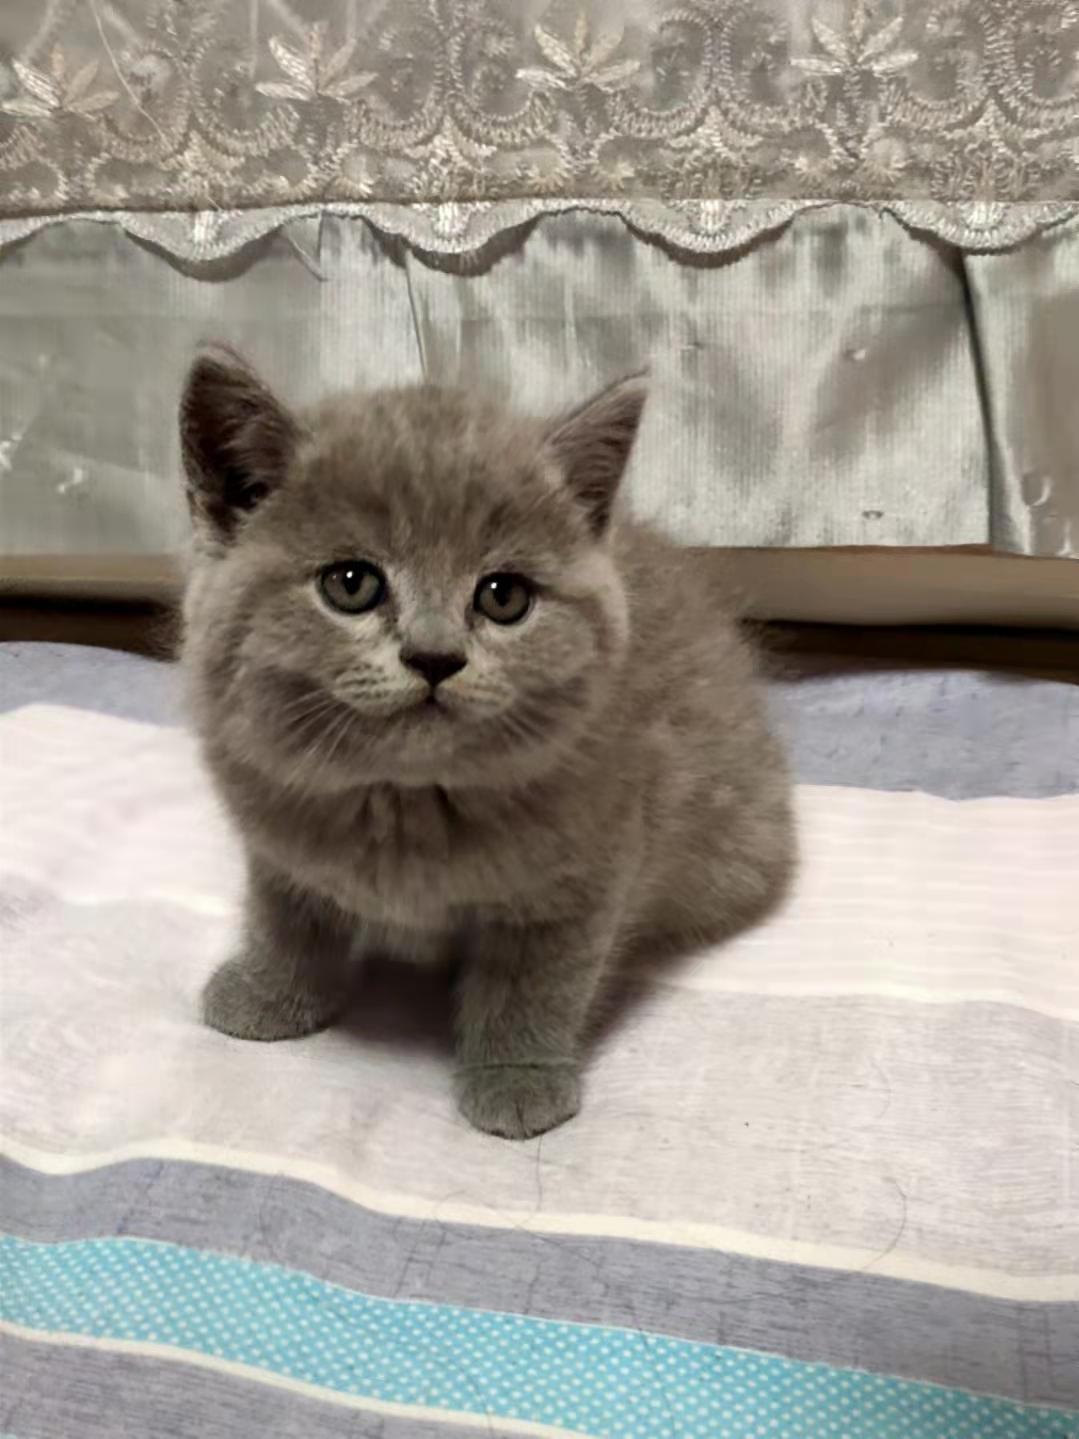 英短蓝猫宝宝,急寻铲屎官大人!